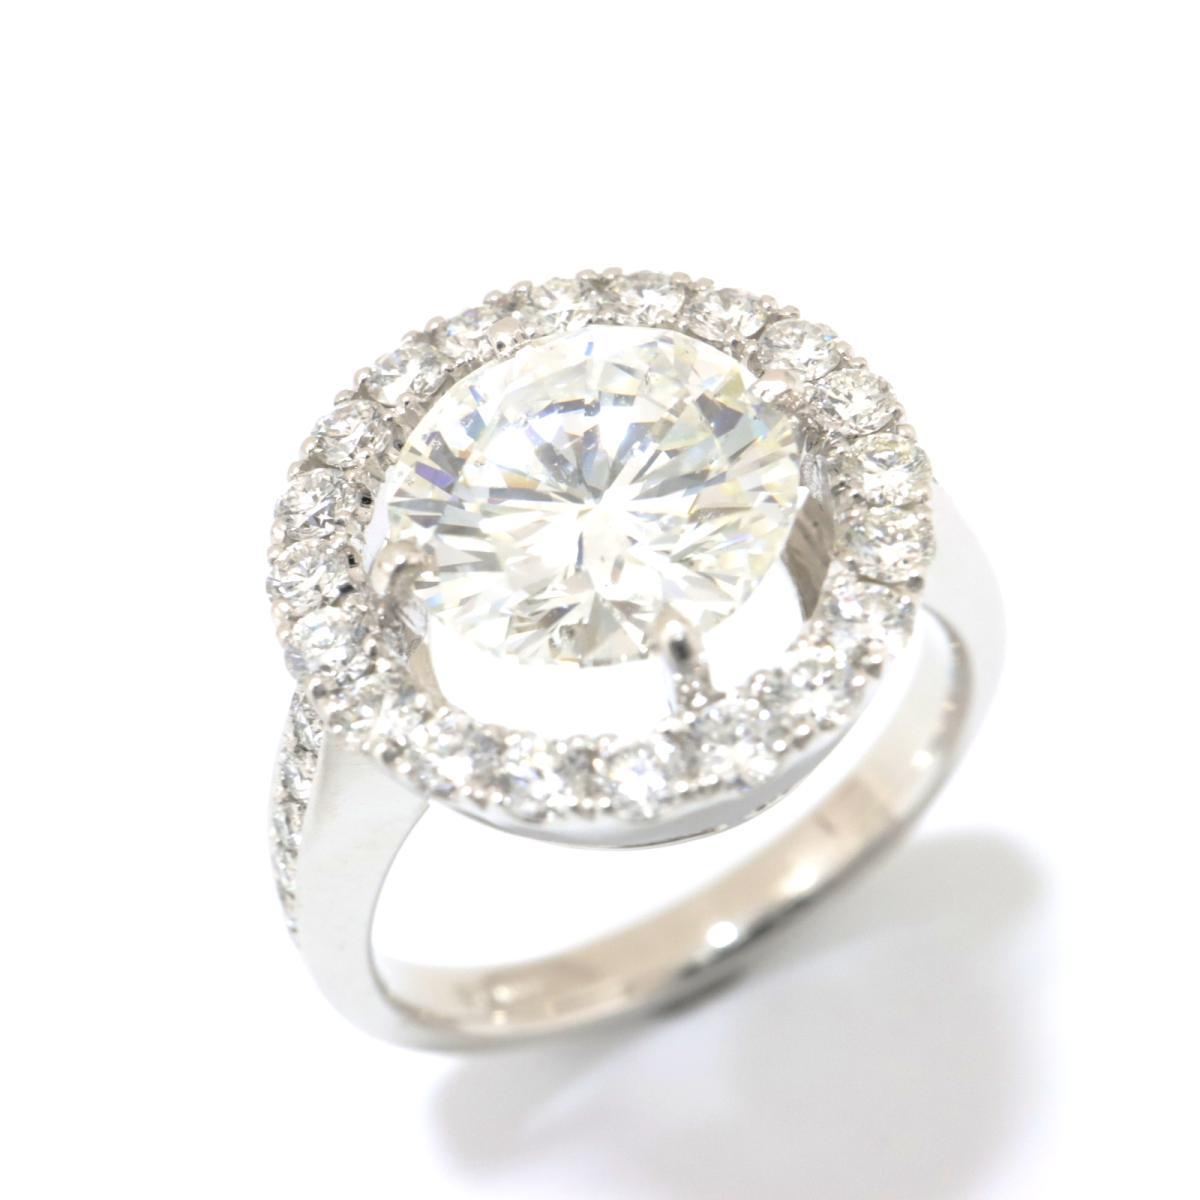 【中古】 ジュエリー ダイヤモンド リング 指輪 レディース PT900 プラチナ x (2.506ct/0.74ct) クリアー シルバー   JEWELRY BRANDOFF ブランドオフ ブランド ジュエリー アクセサリー